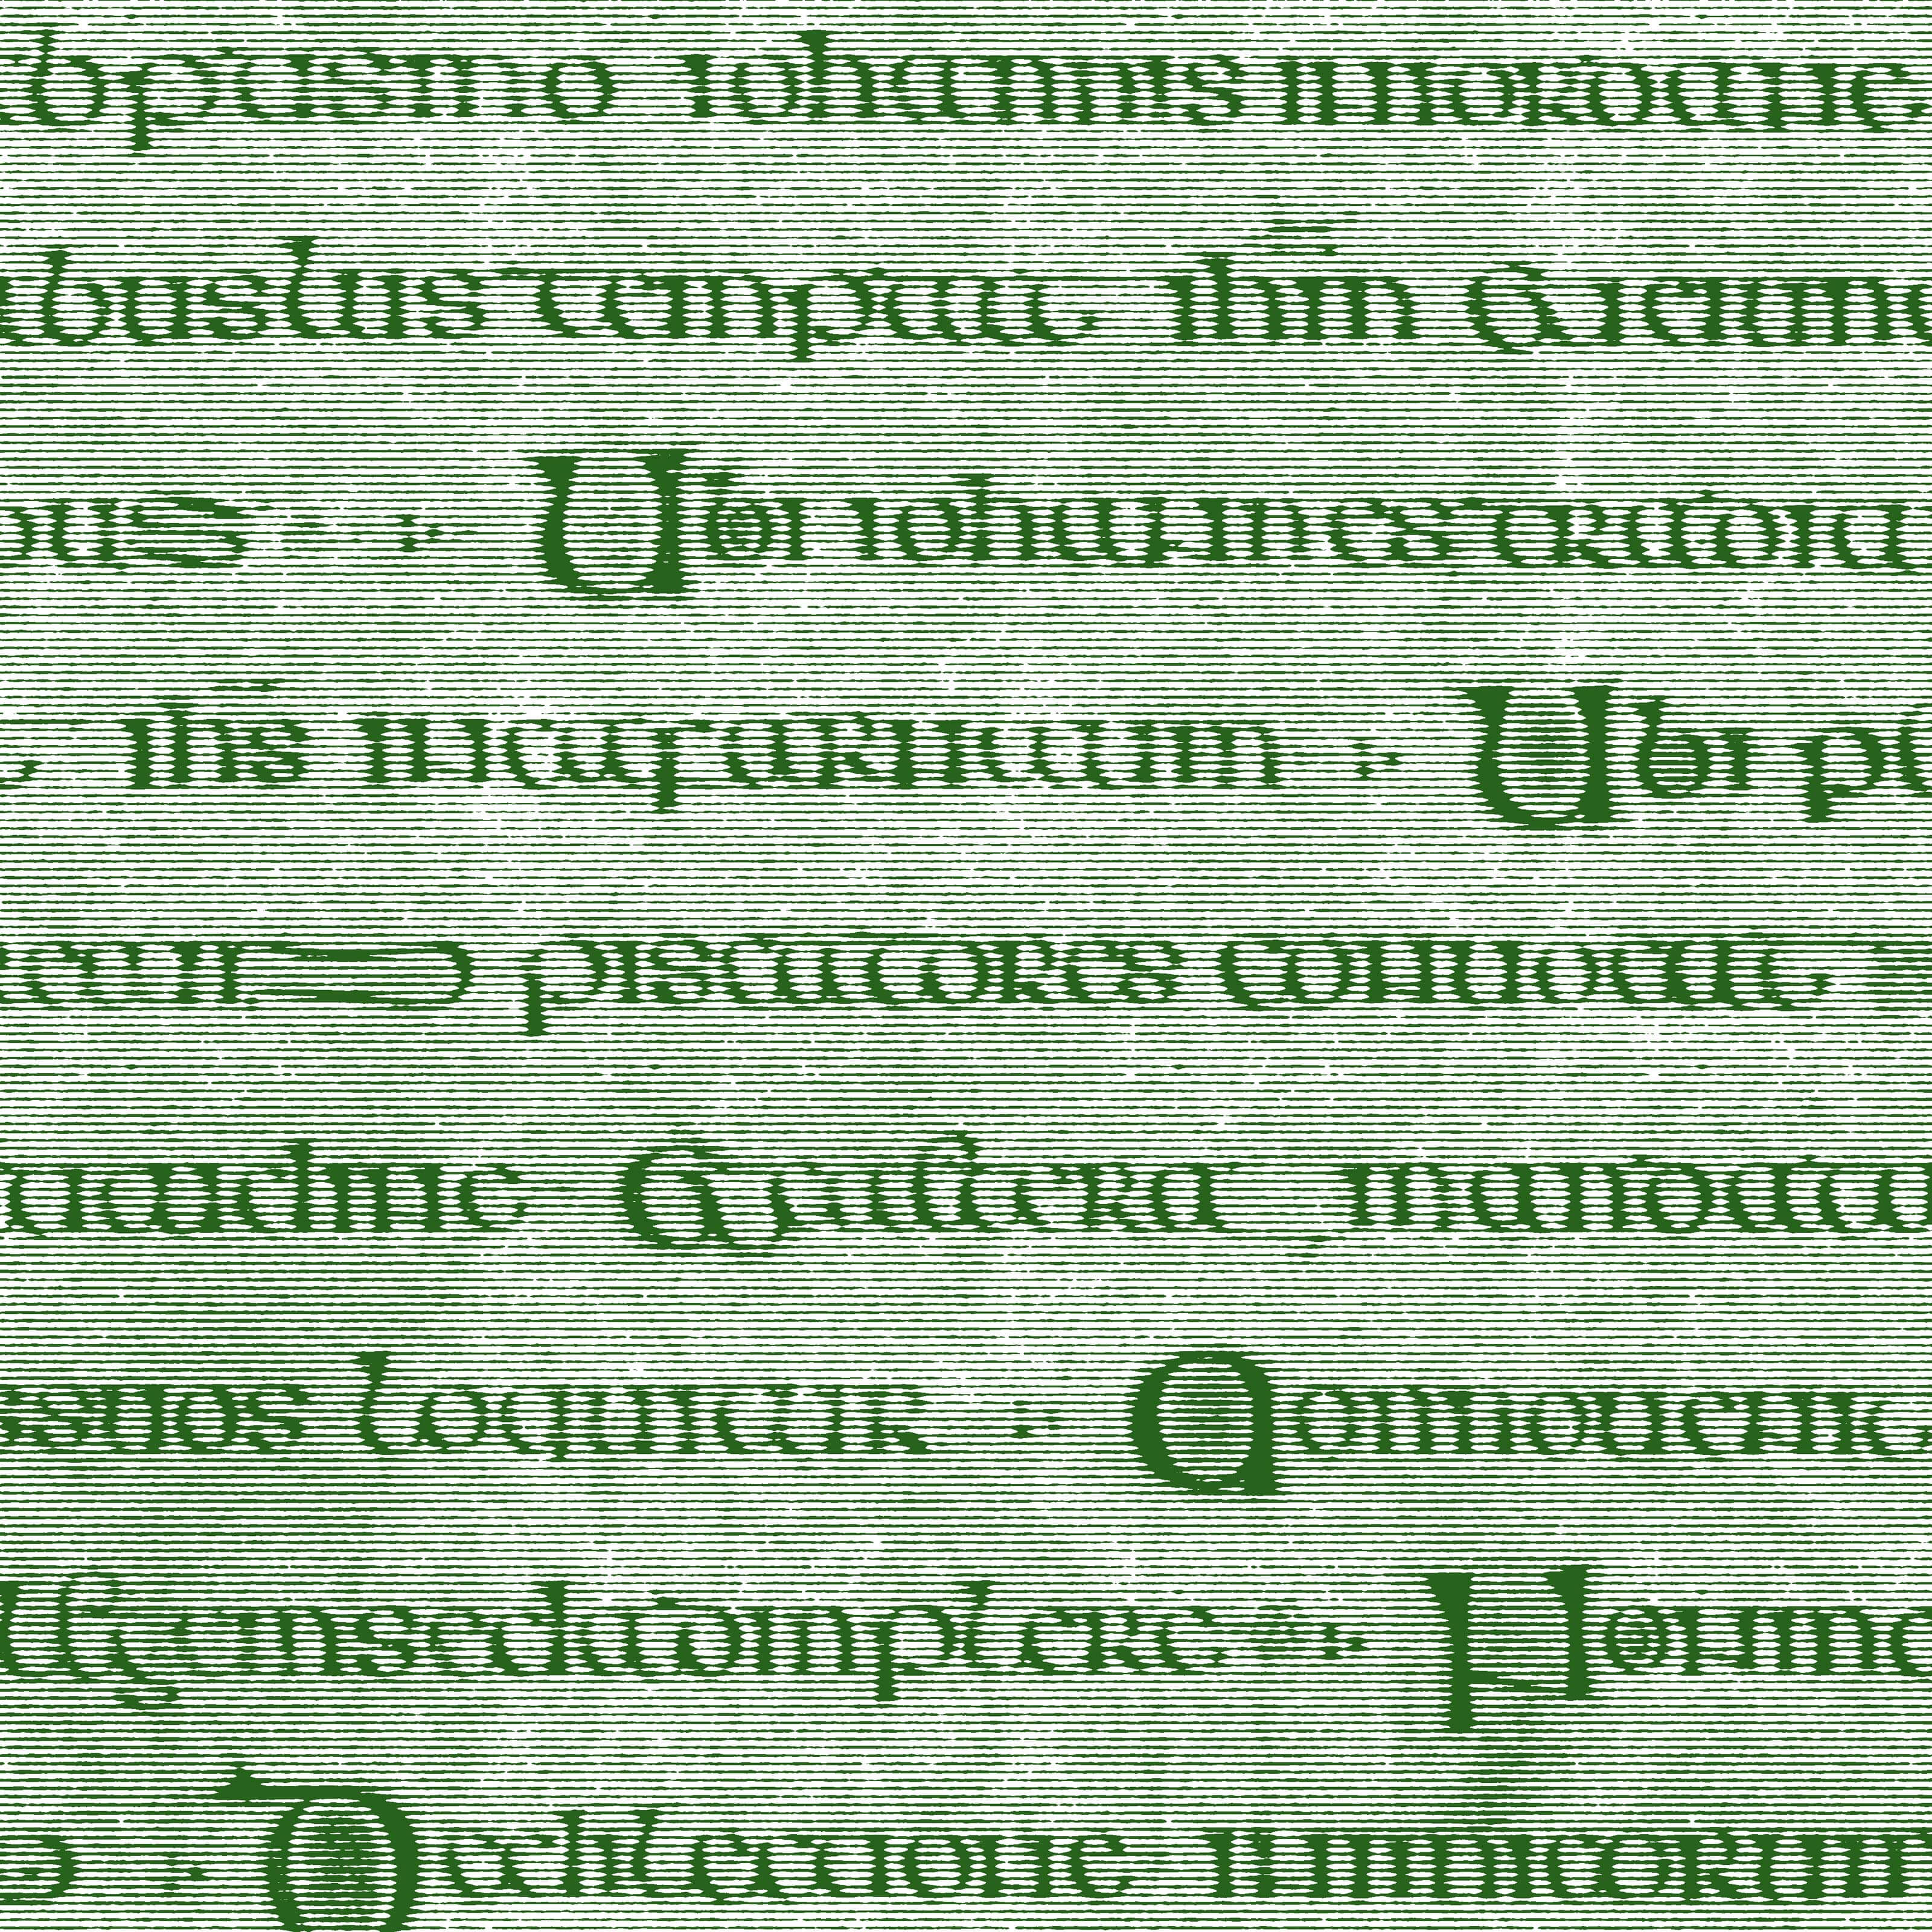 Insular majuscule.